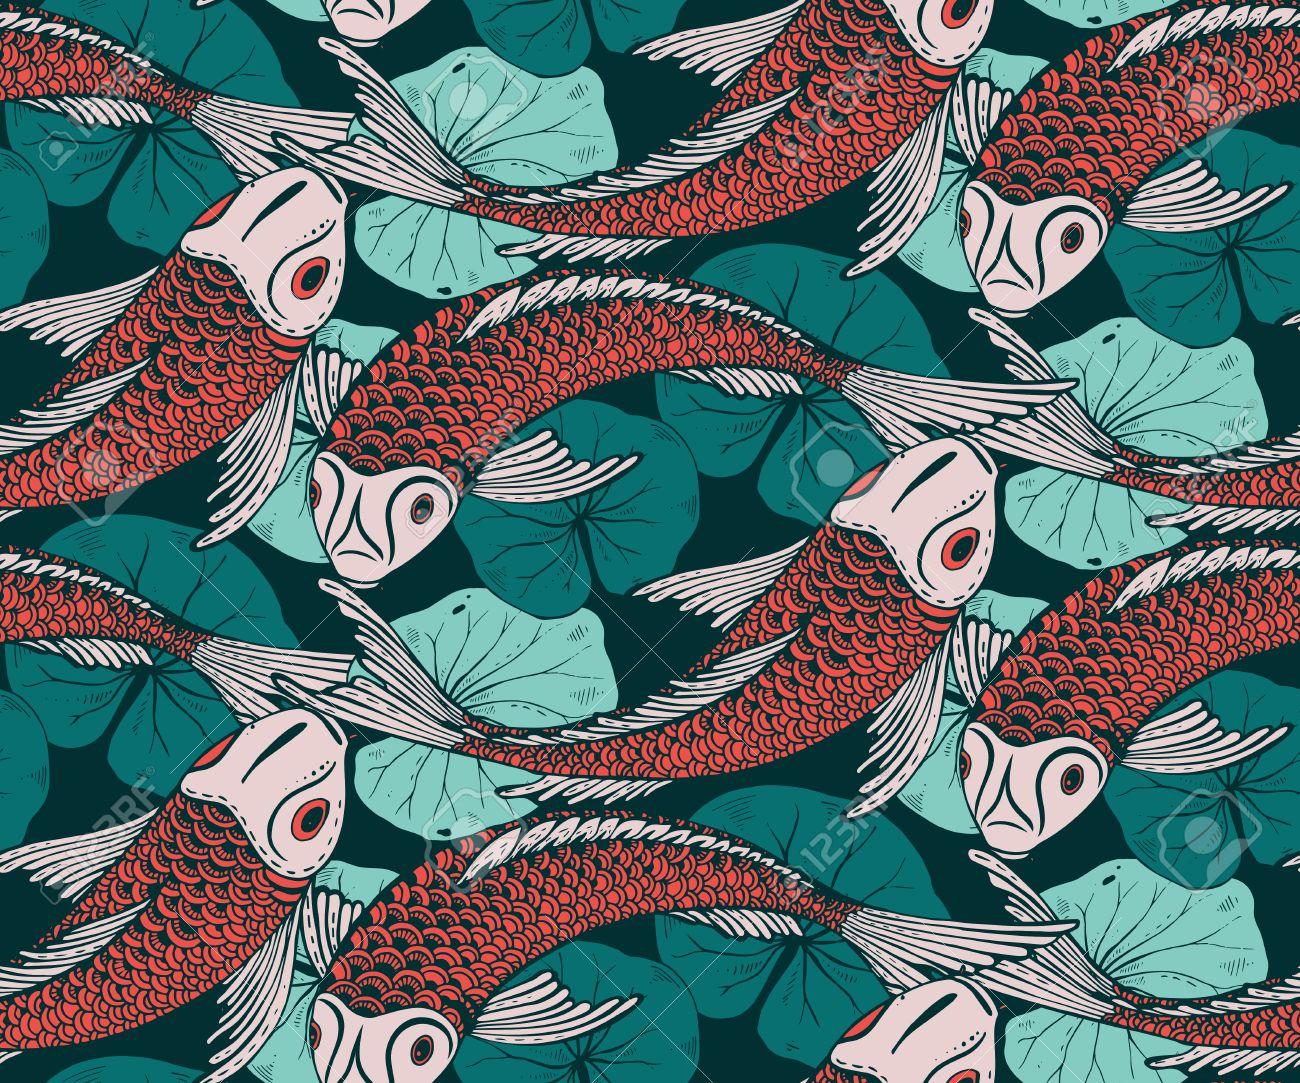 Ungewöhnlich Koi Fisch Malvorlagen Zeitgenössisch - Beispiel ...